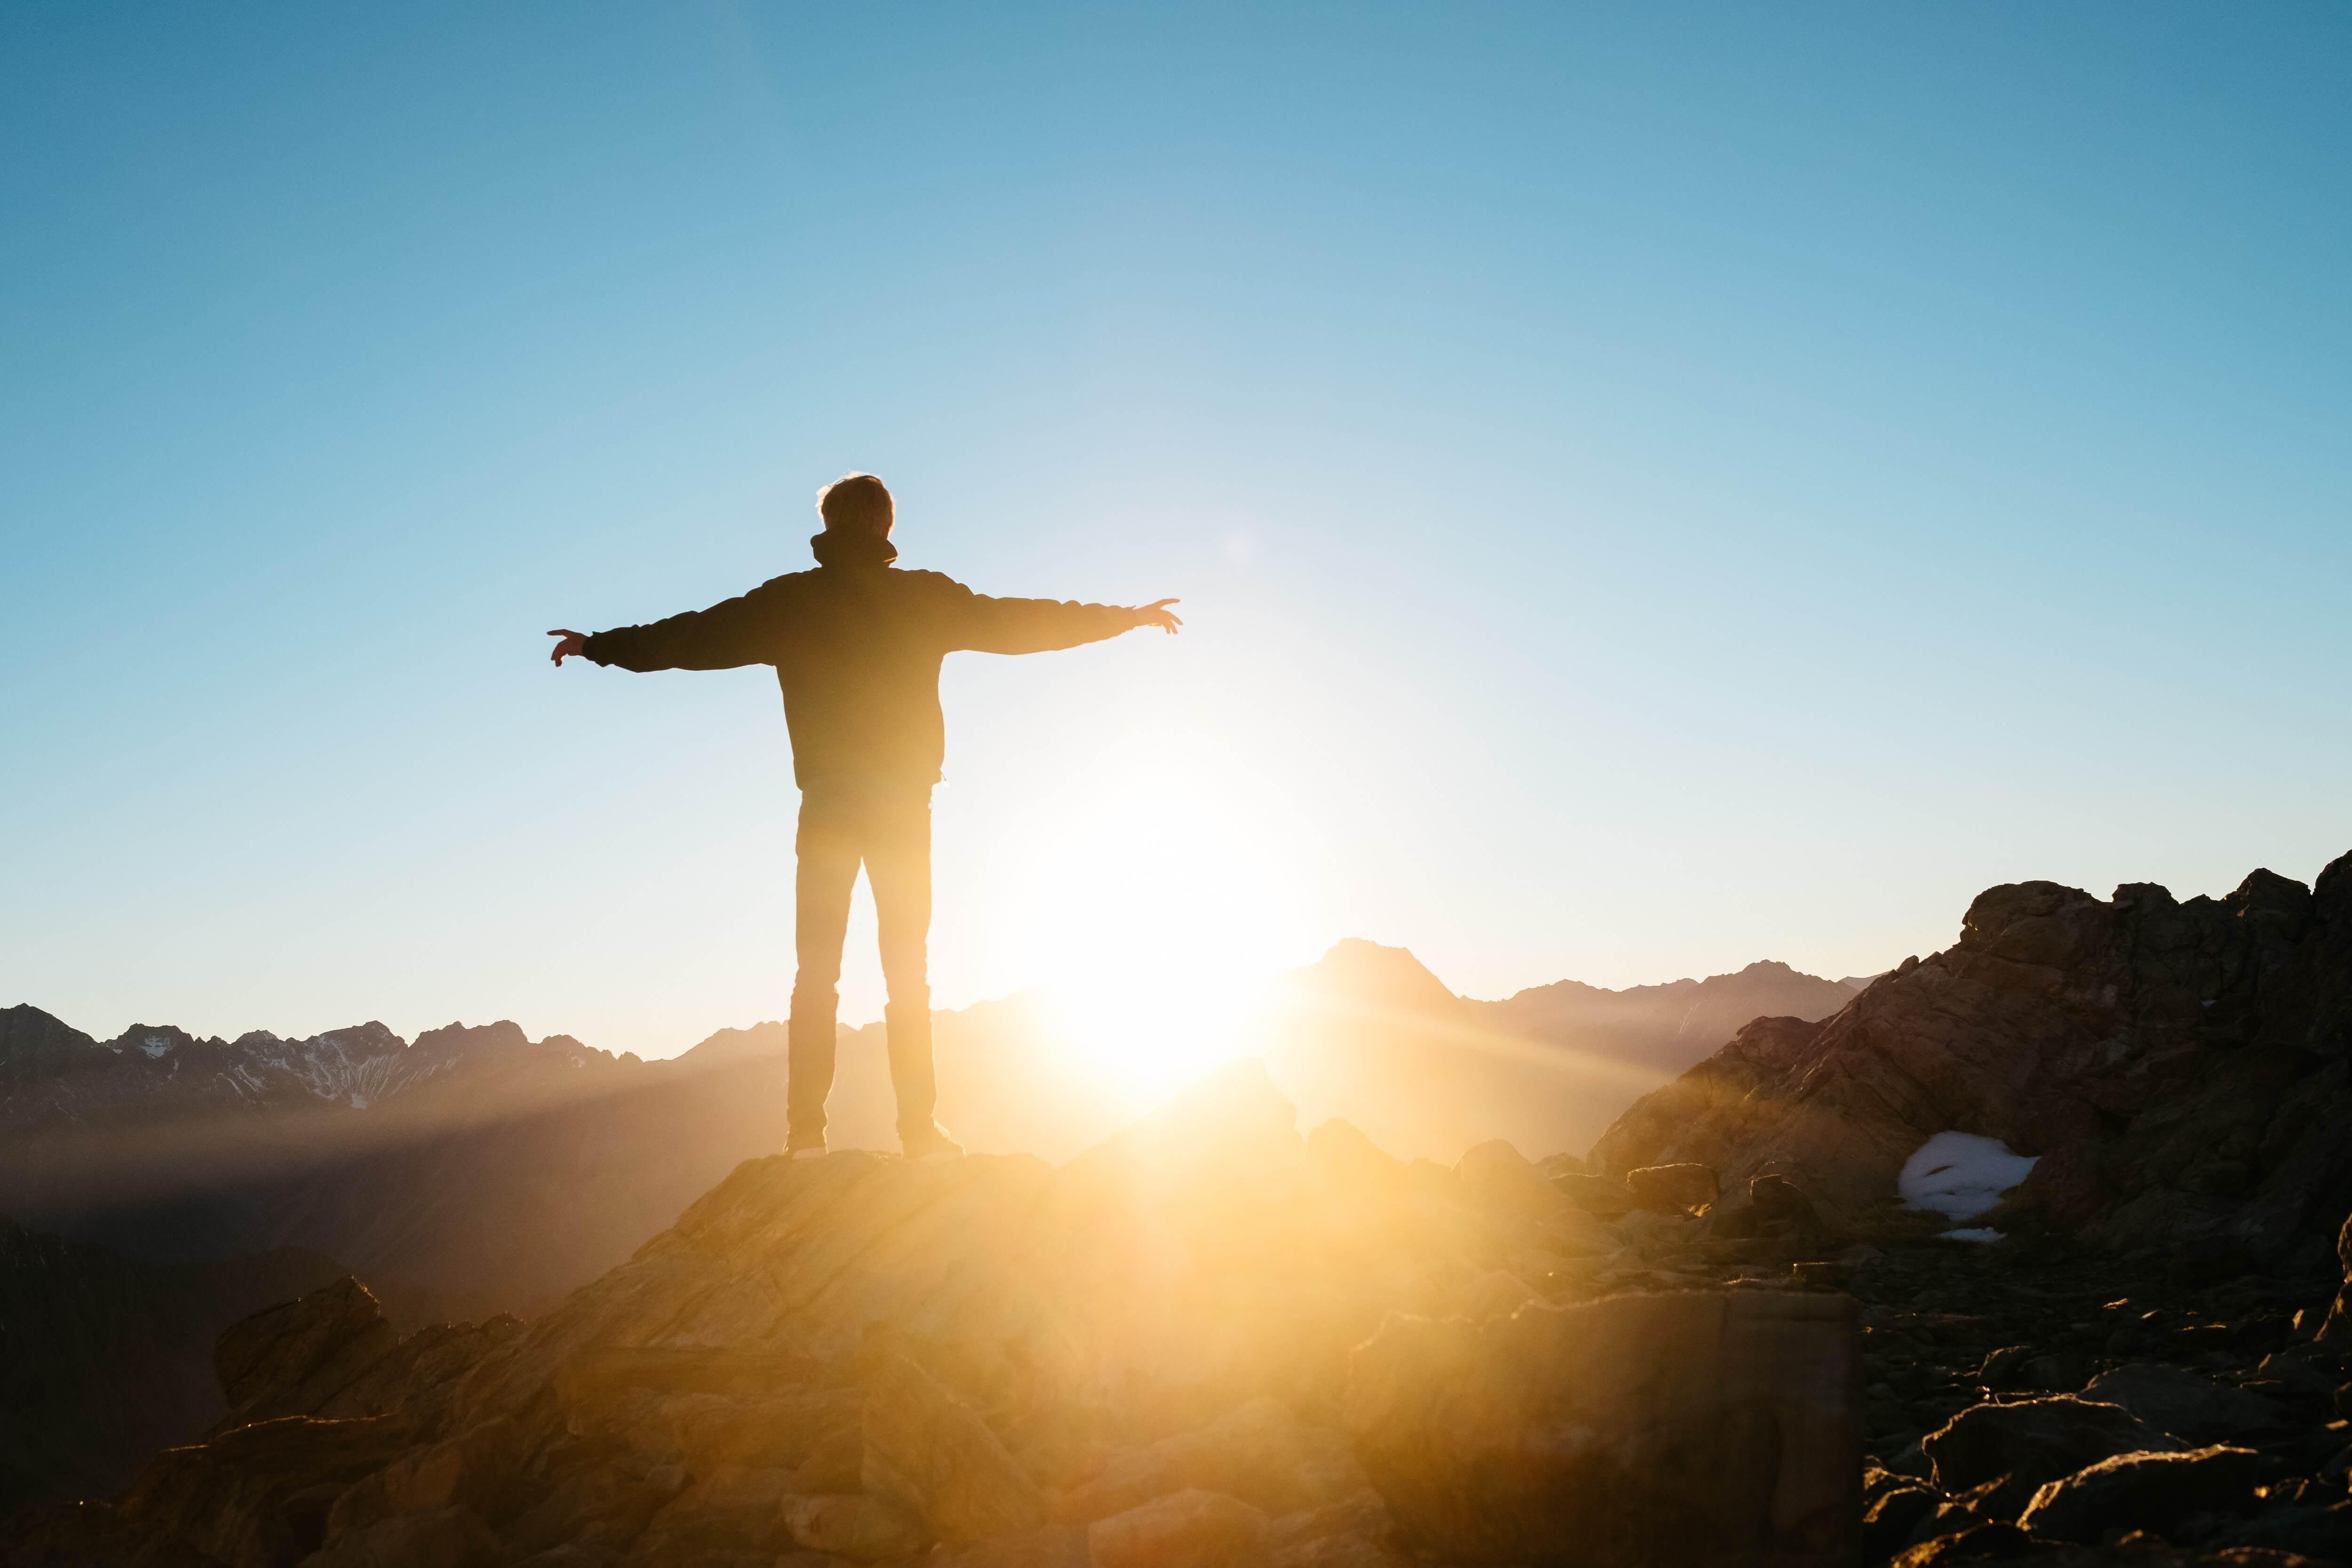 Un homme, les bras ouvert sur le col d'une montagne faisant face à un lever de soleil. Photo by @hsfju